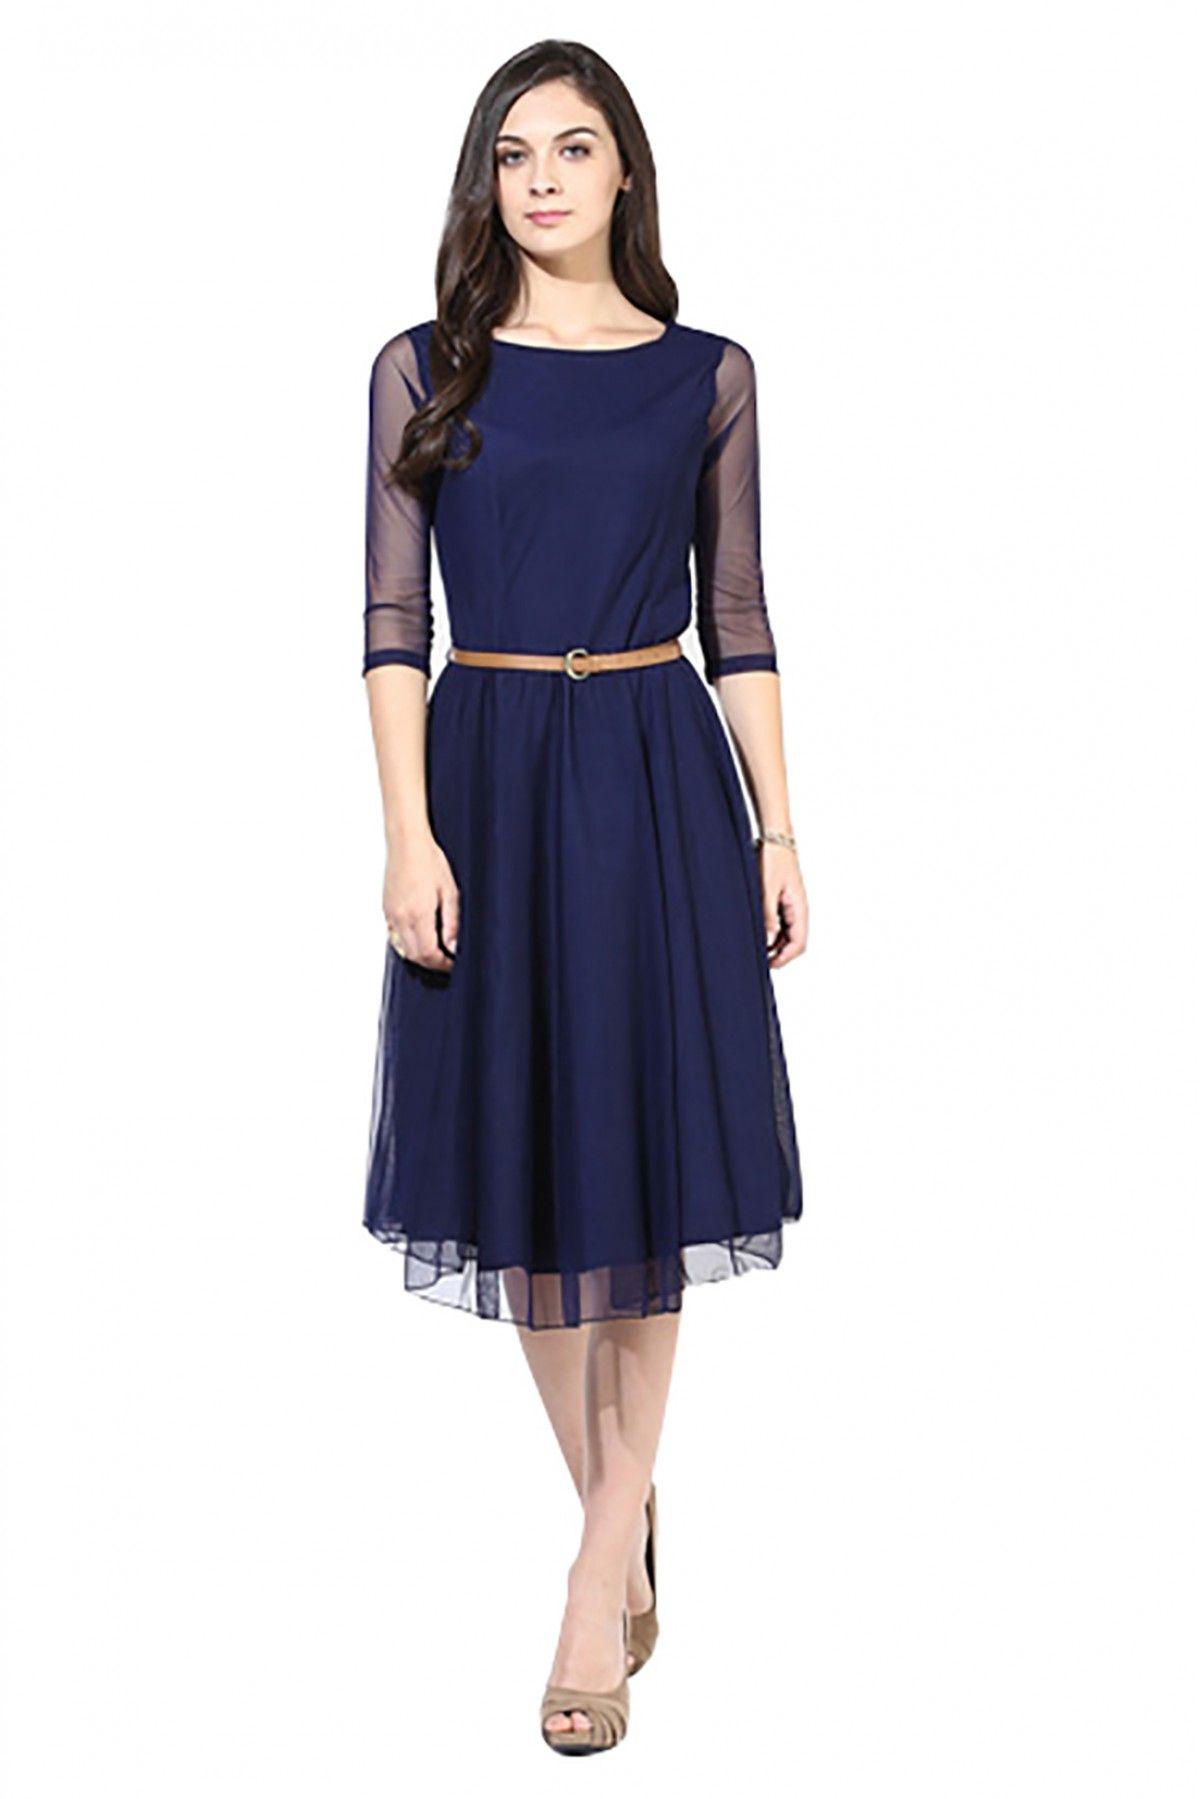 Georgette Western Wear Plain Dress in